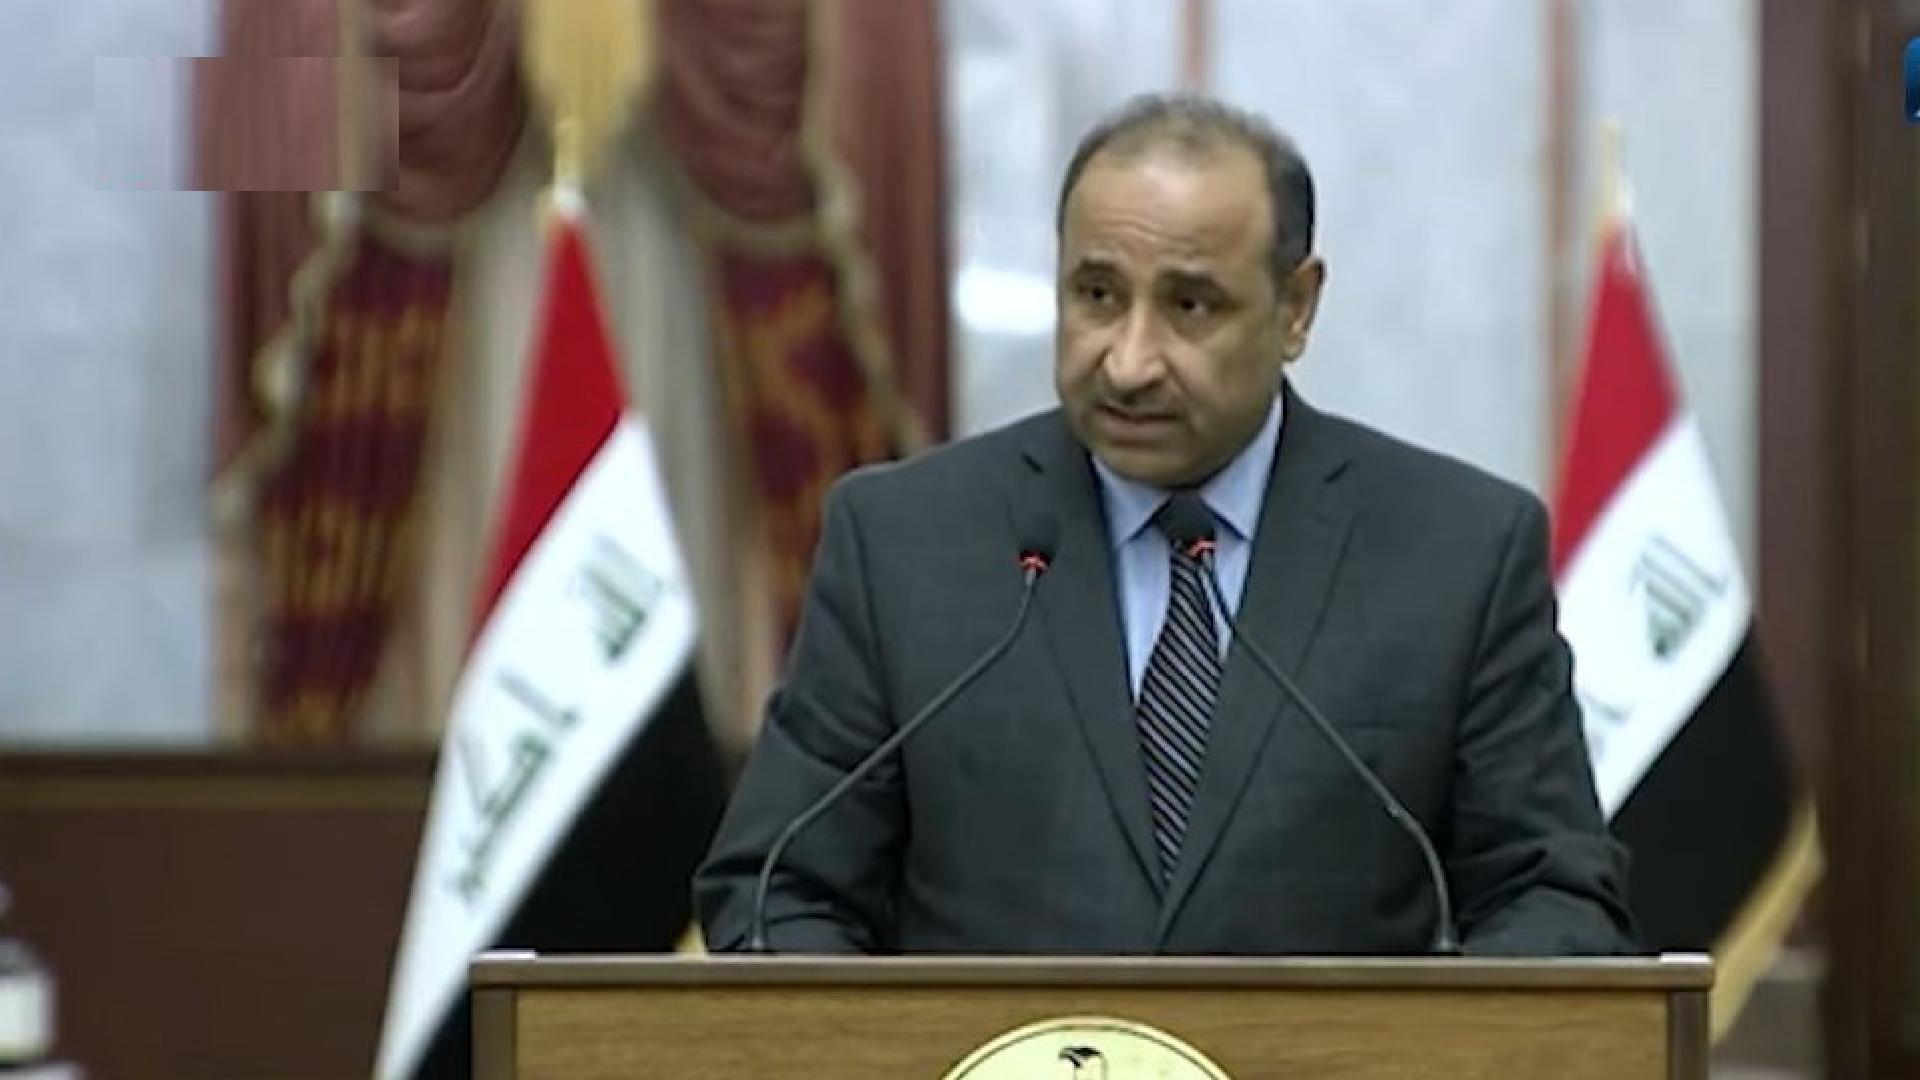 نائب يطالب بإقالة وزير الثقافة: متعاطف مع الملحدين